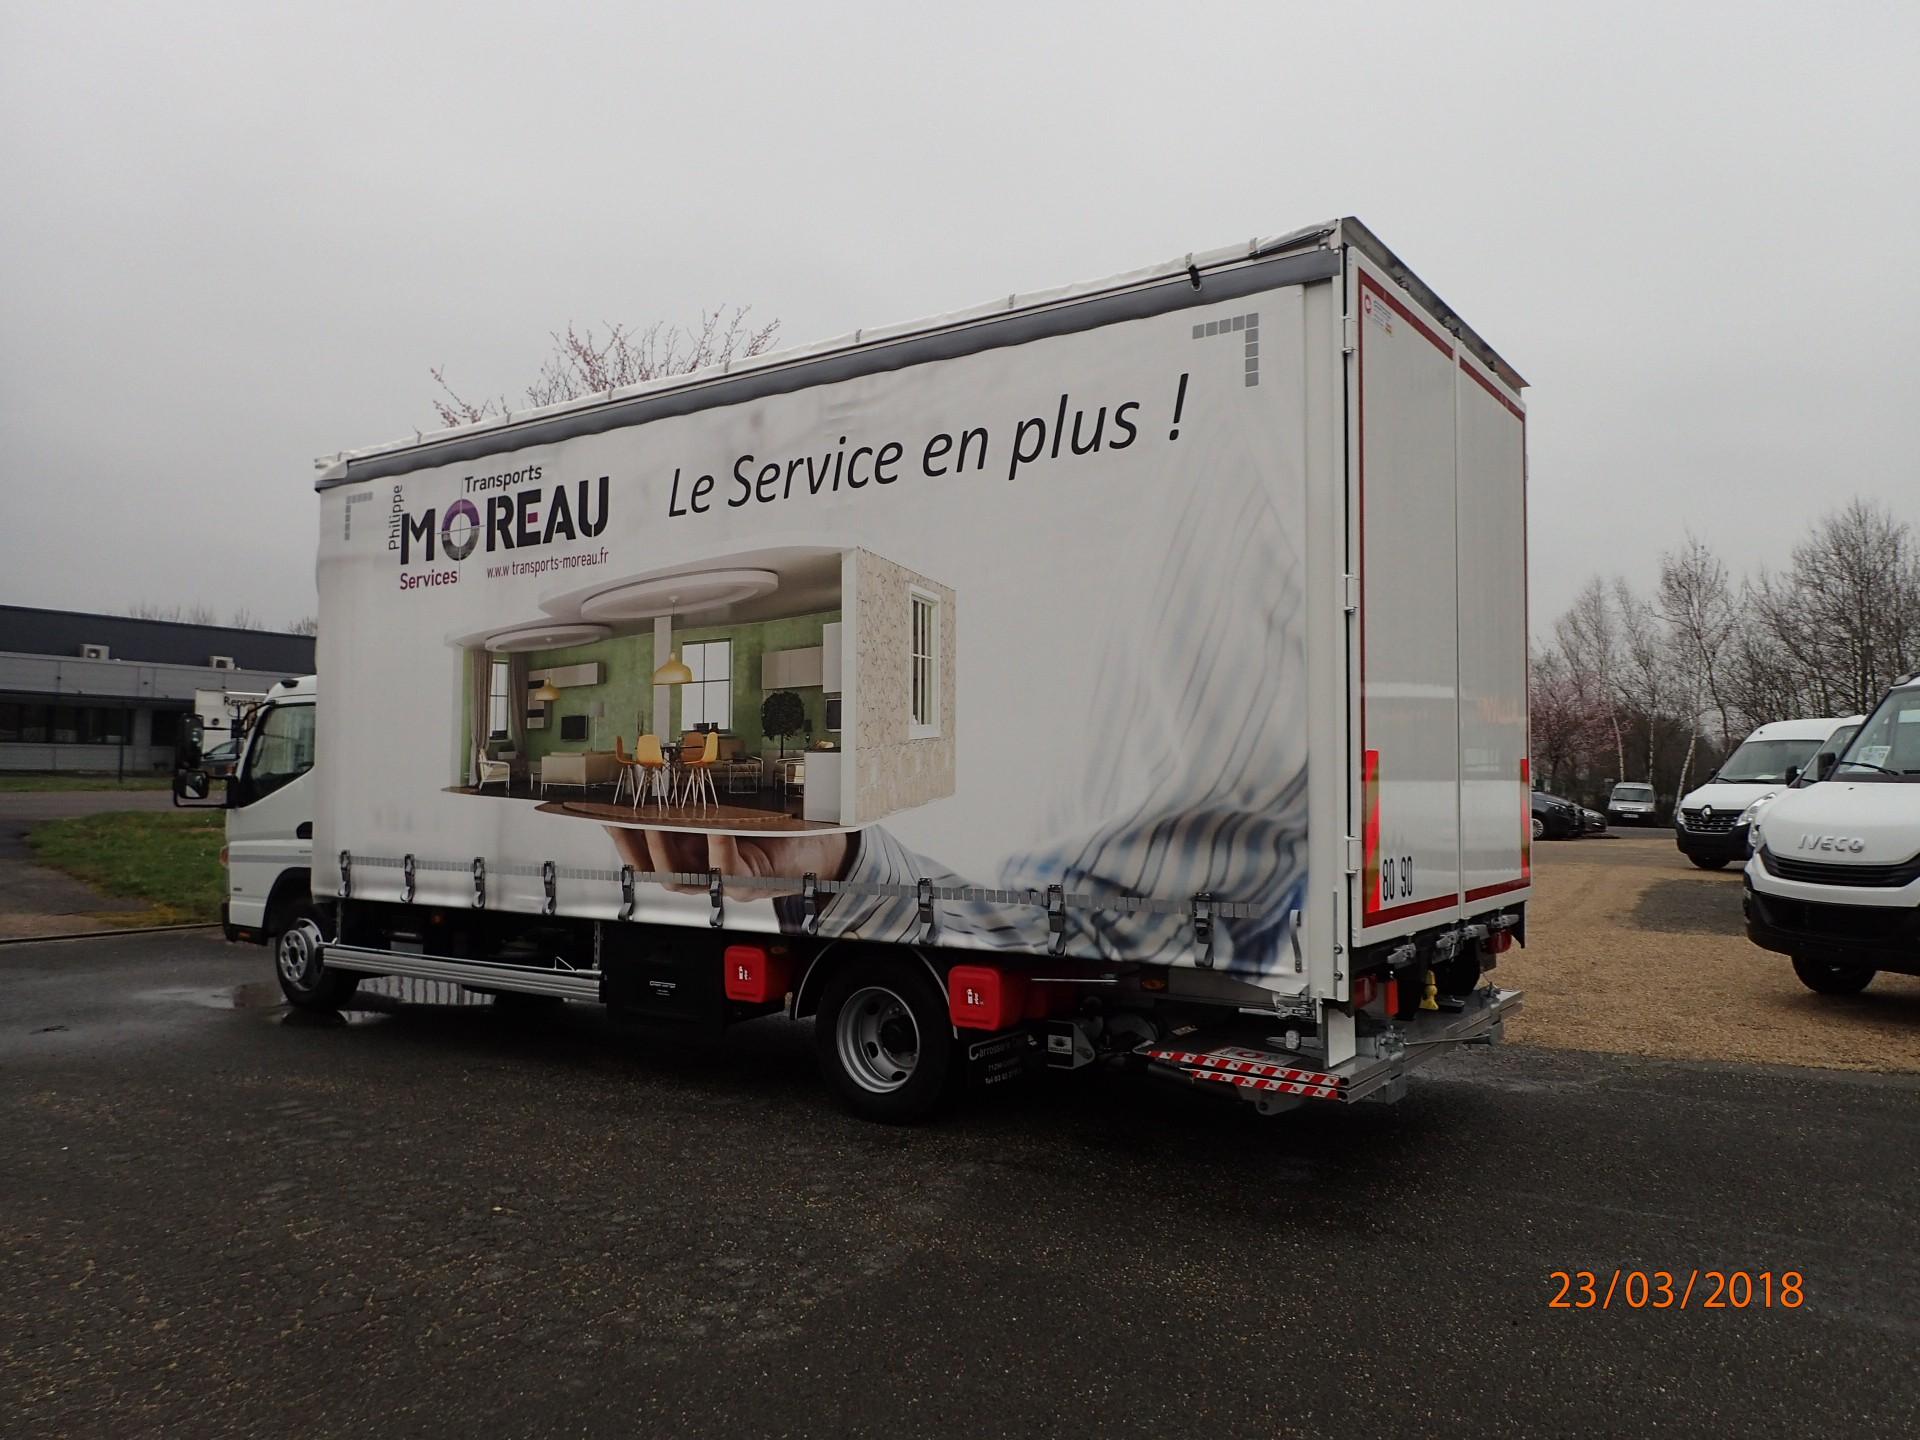 livraison de meubles domicile livraison meubles domicile transports moreau services 71. Black Bedroom Furniture Sets. Home Design Ideas